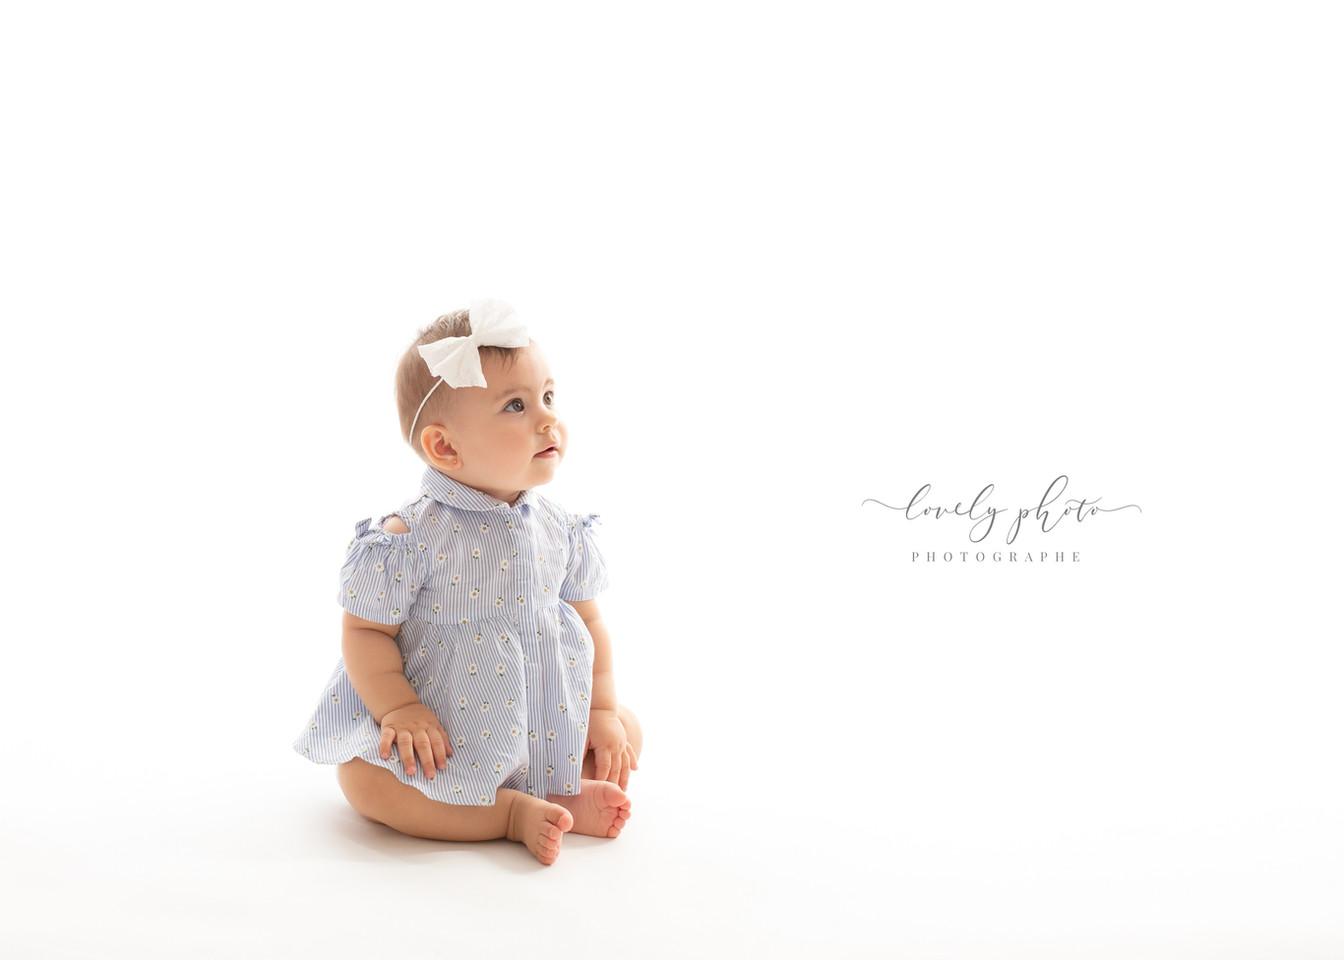 séance photo bébé assis lausanne